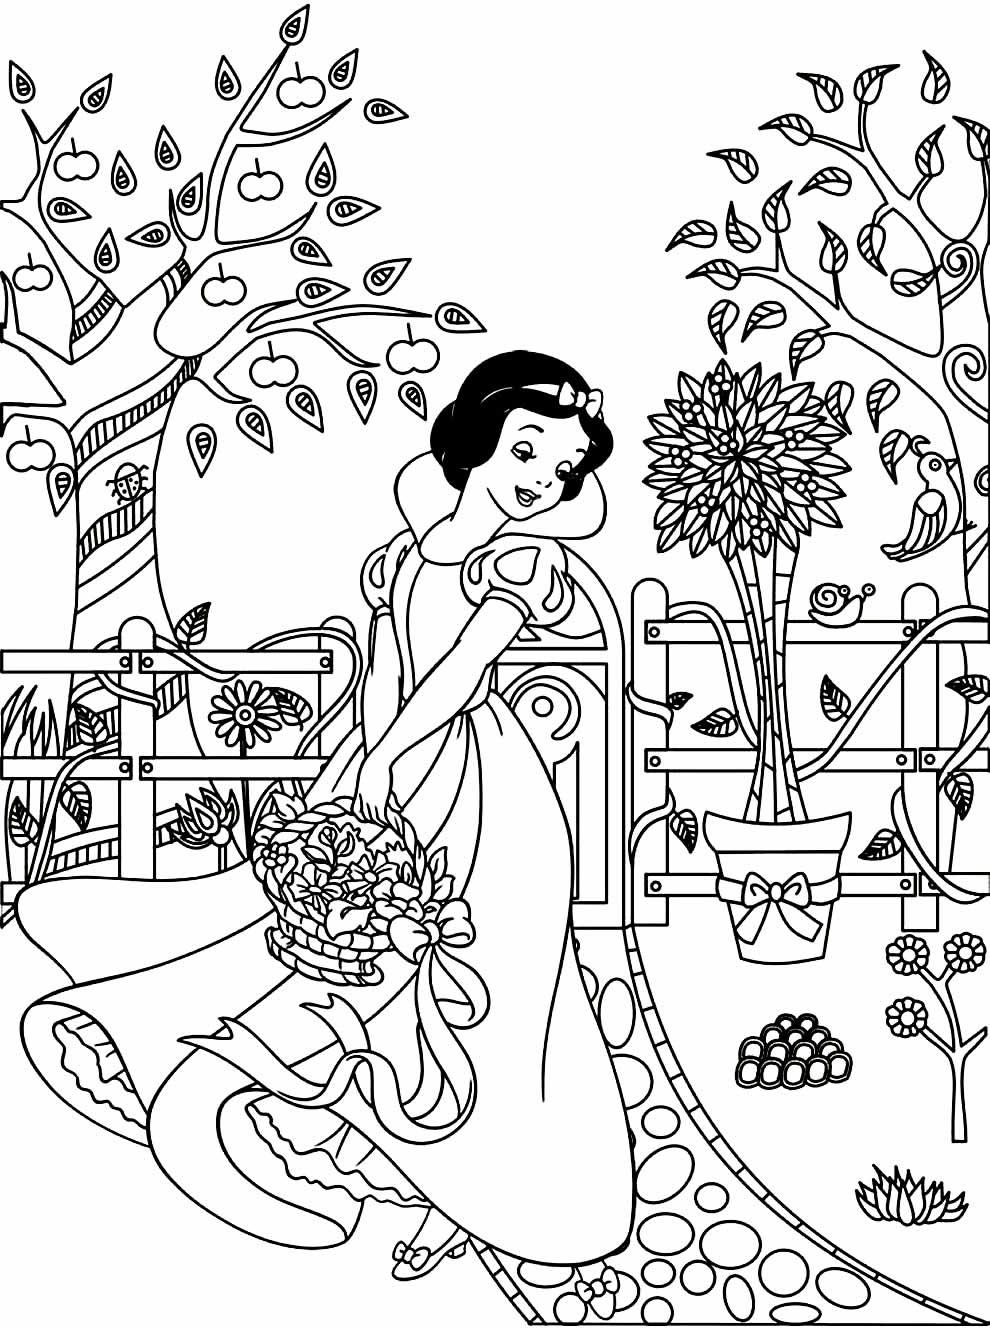 Imagem da Branca de Neve para colorir